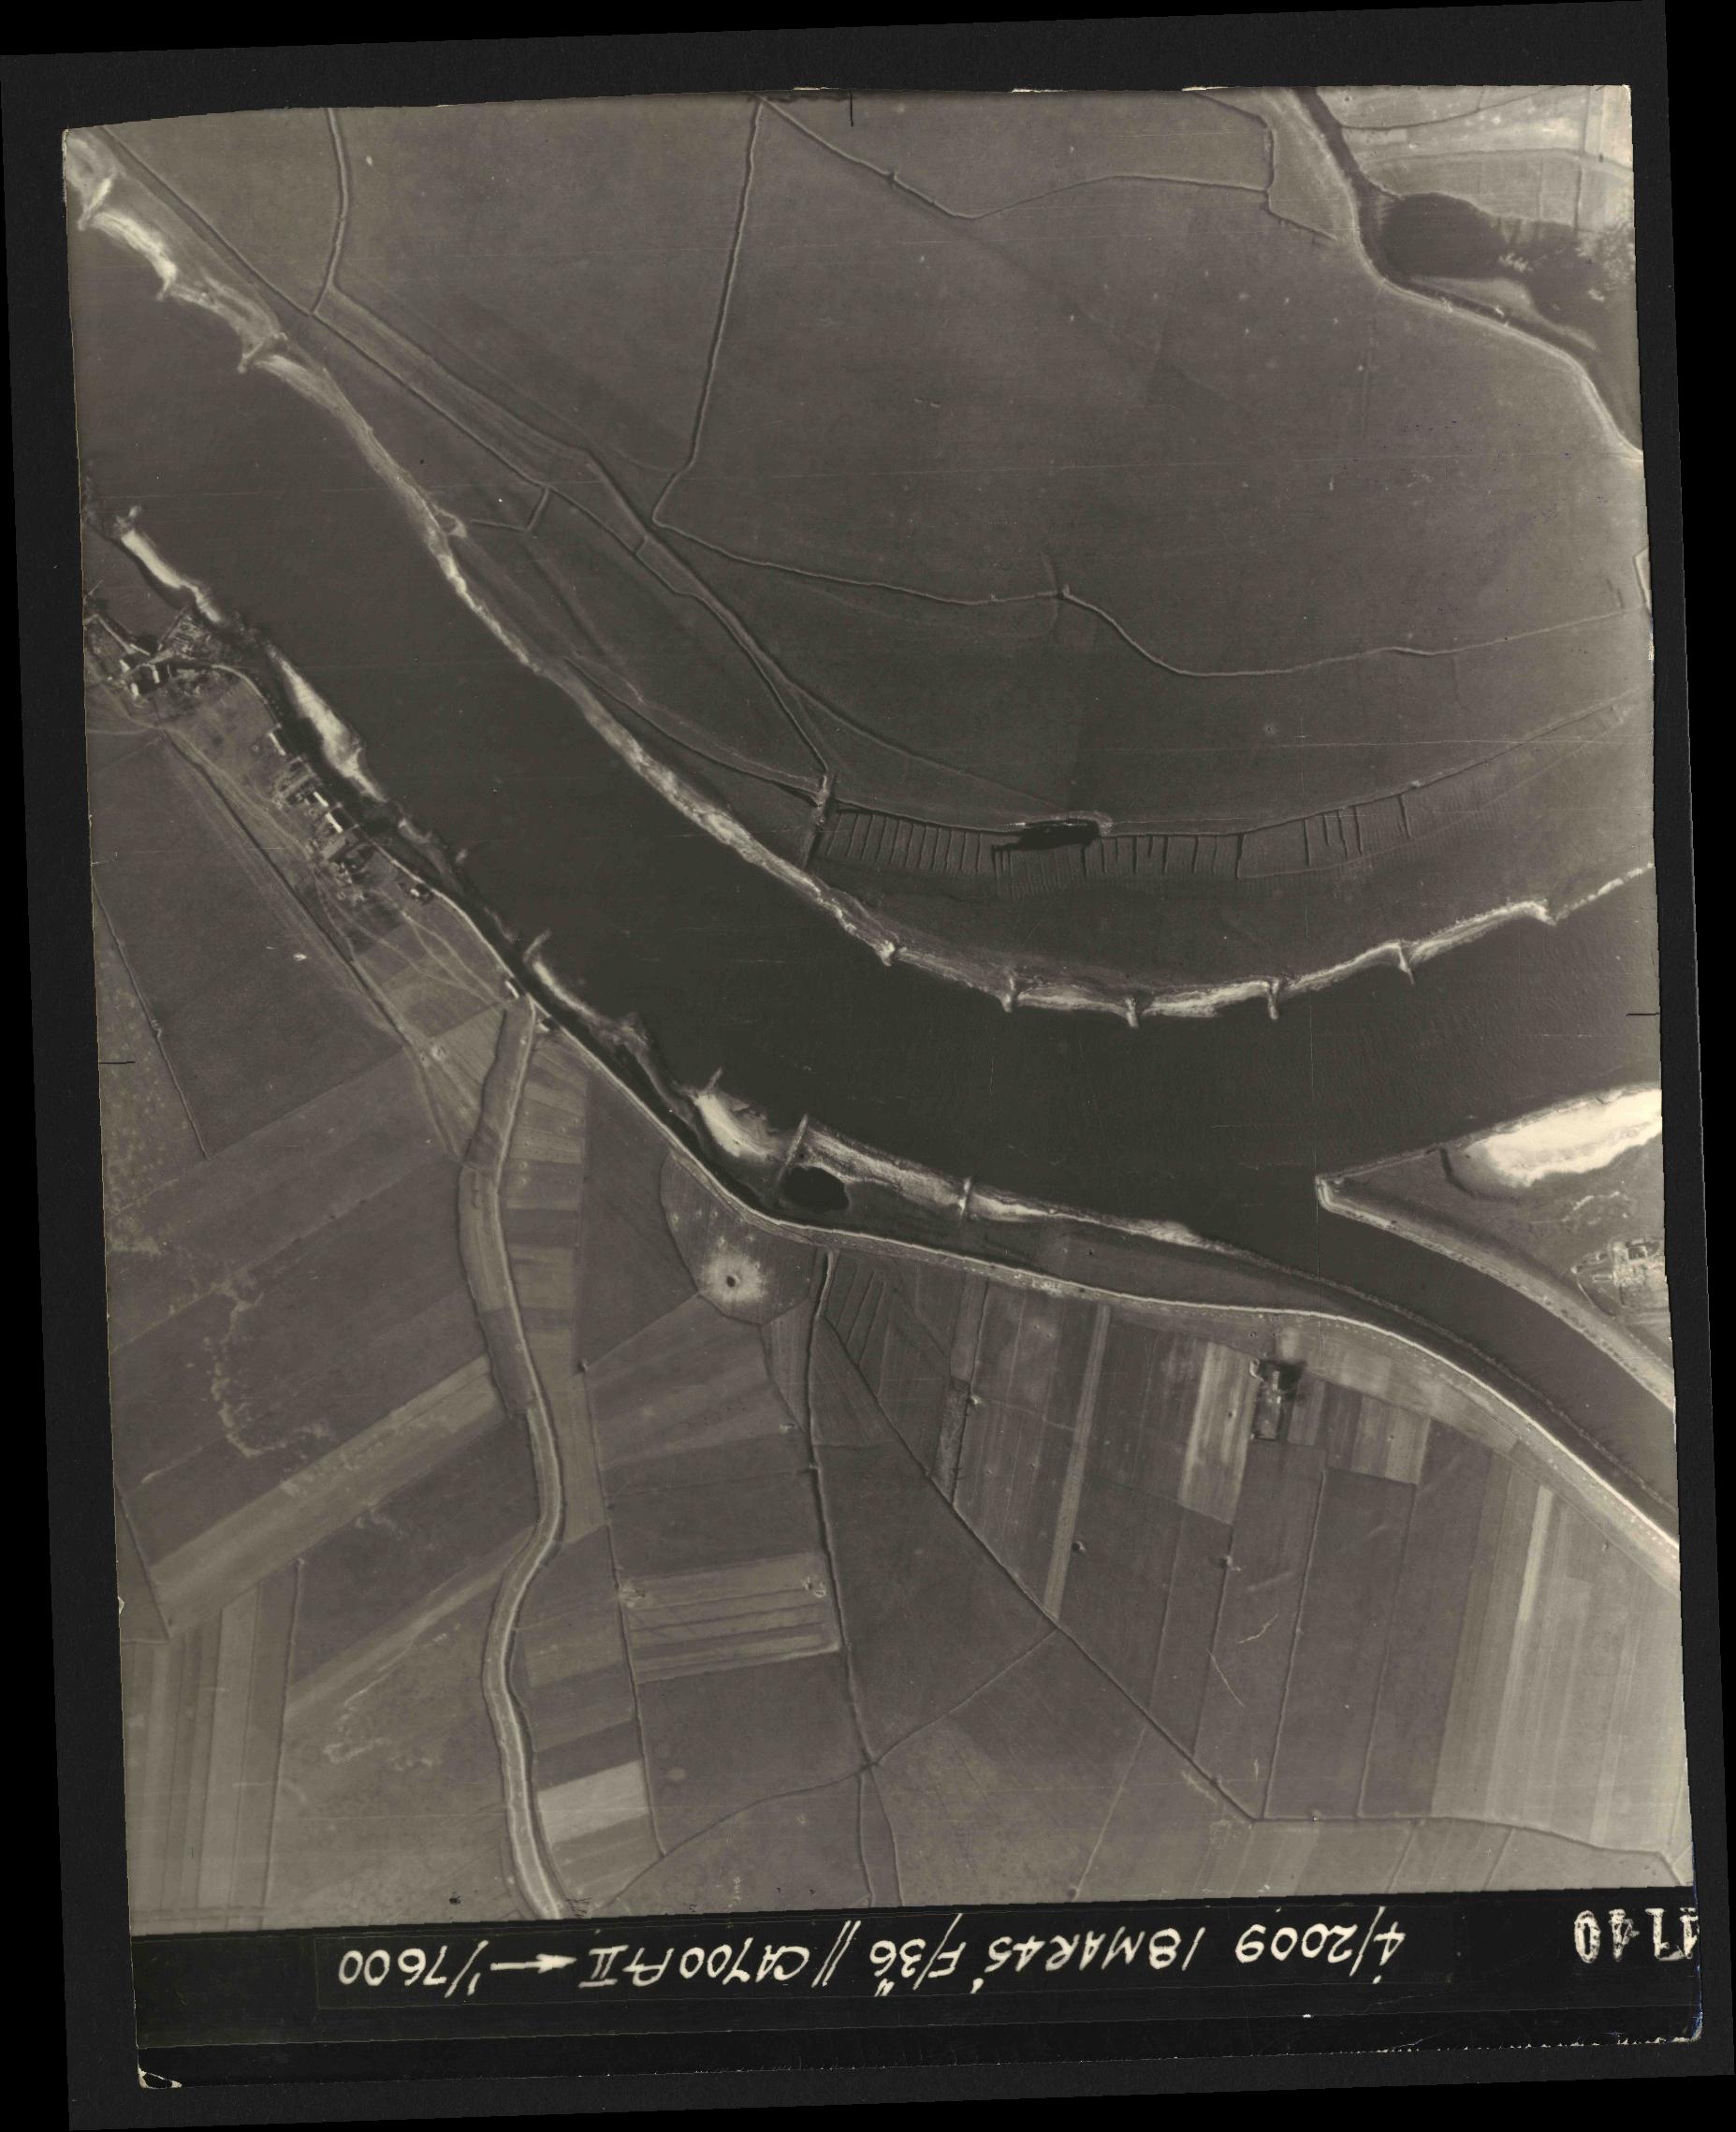 Collection RAF aerial photos 1940-1945 - flight 017, run 09, photo 4140